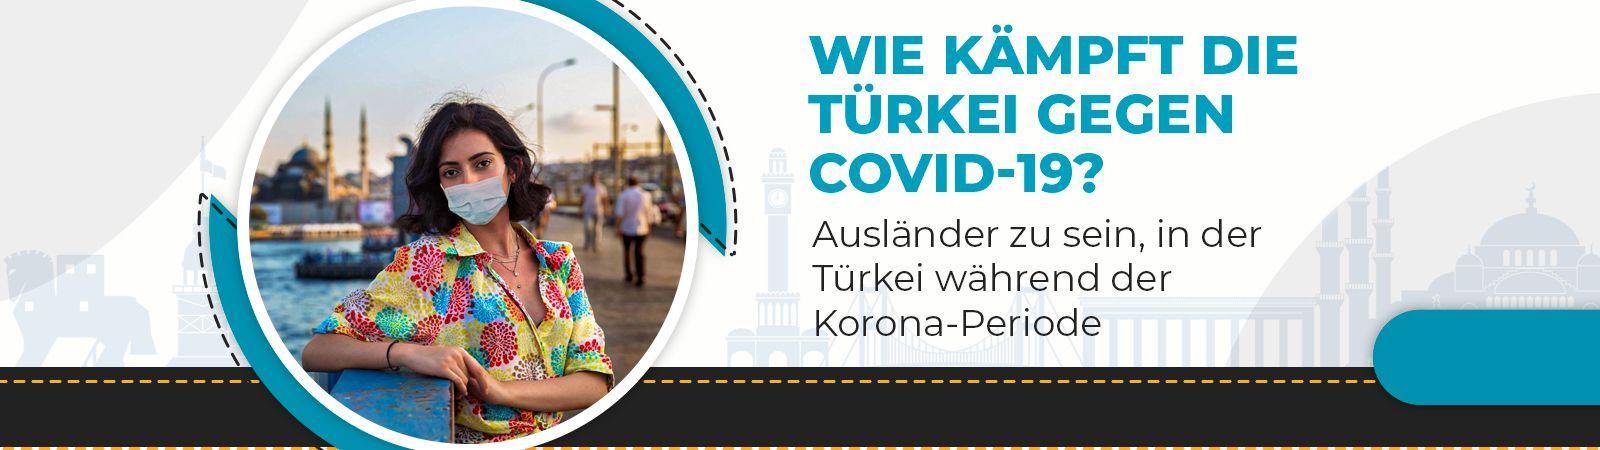 Wie kämpft die Türkei gegen COVID-19?